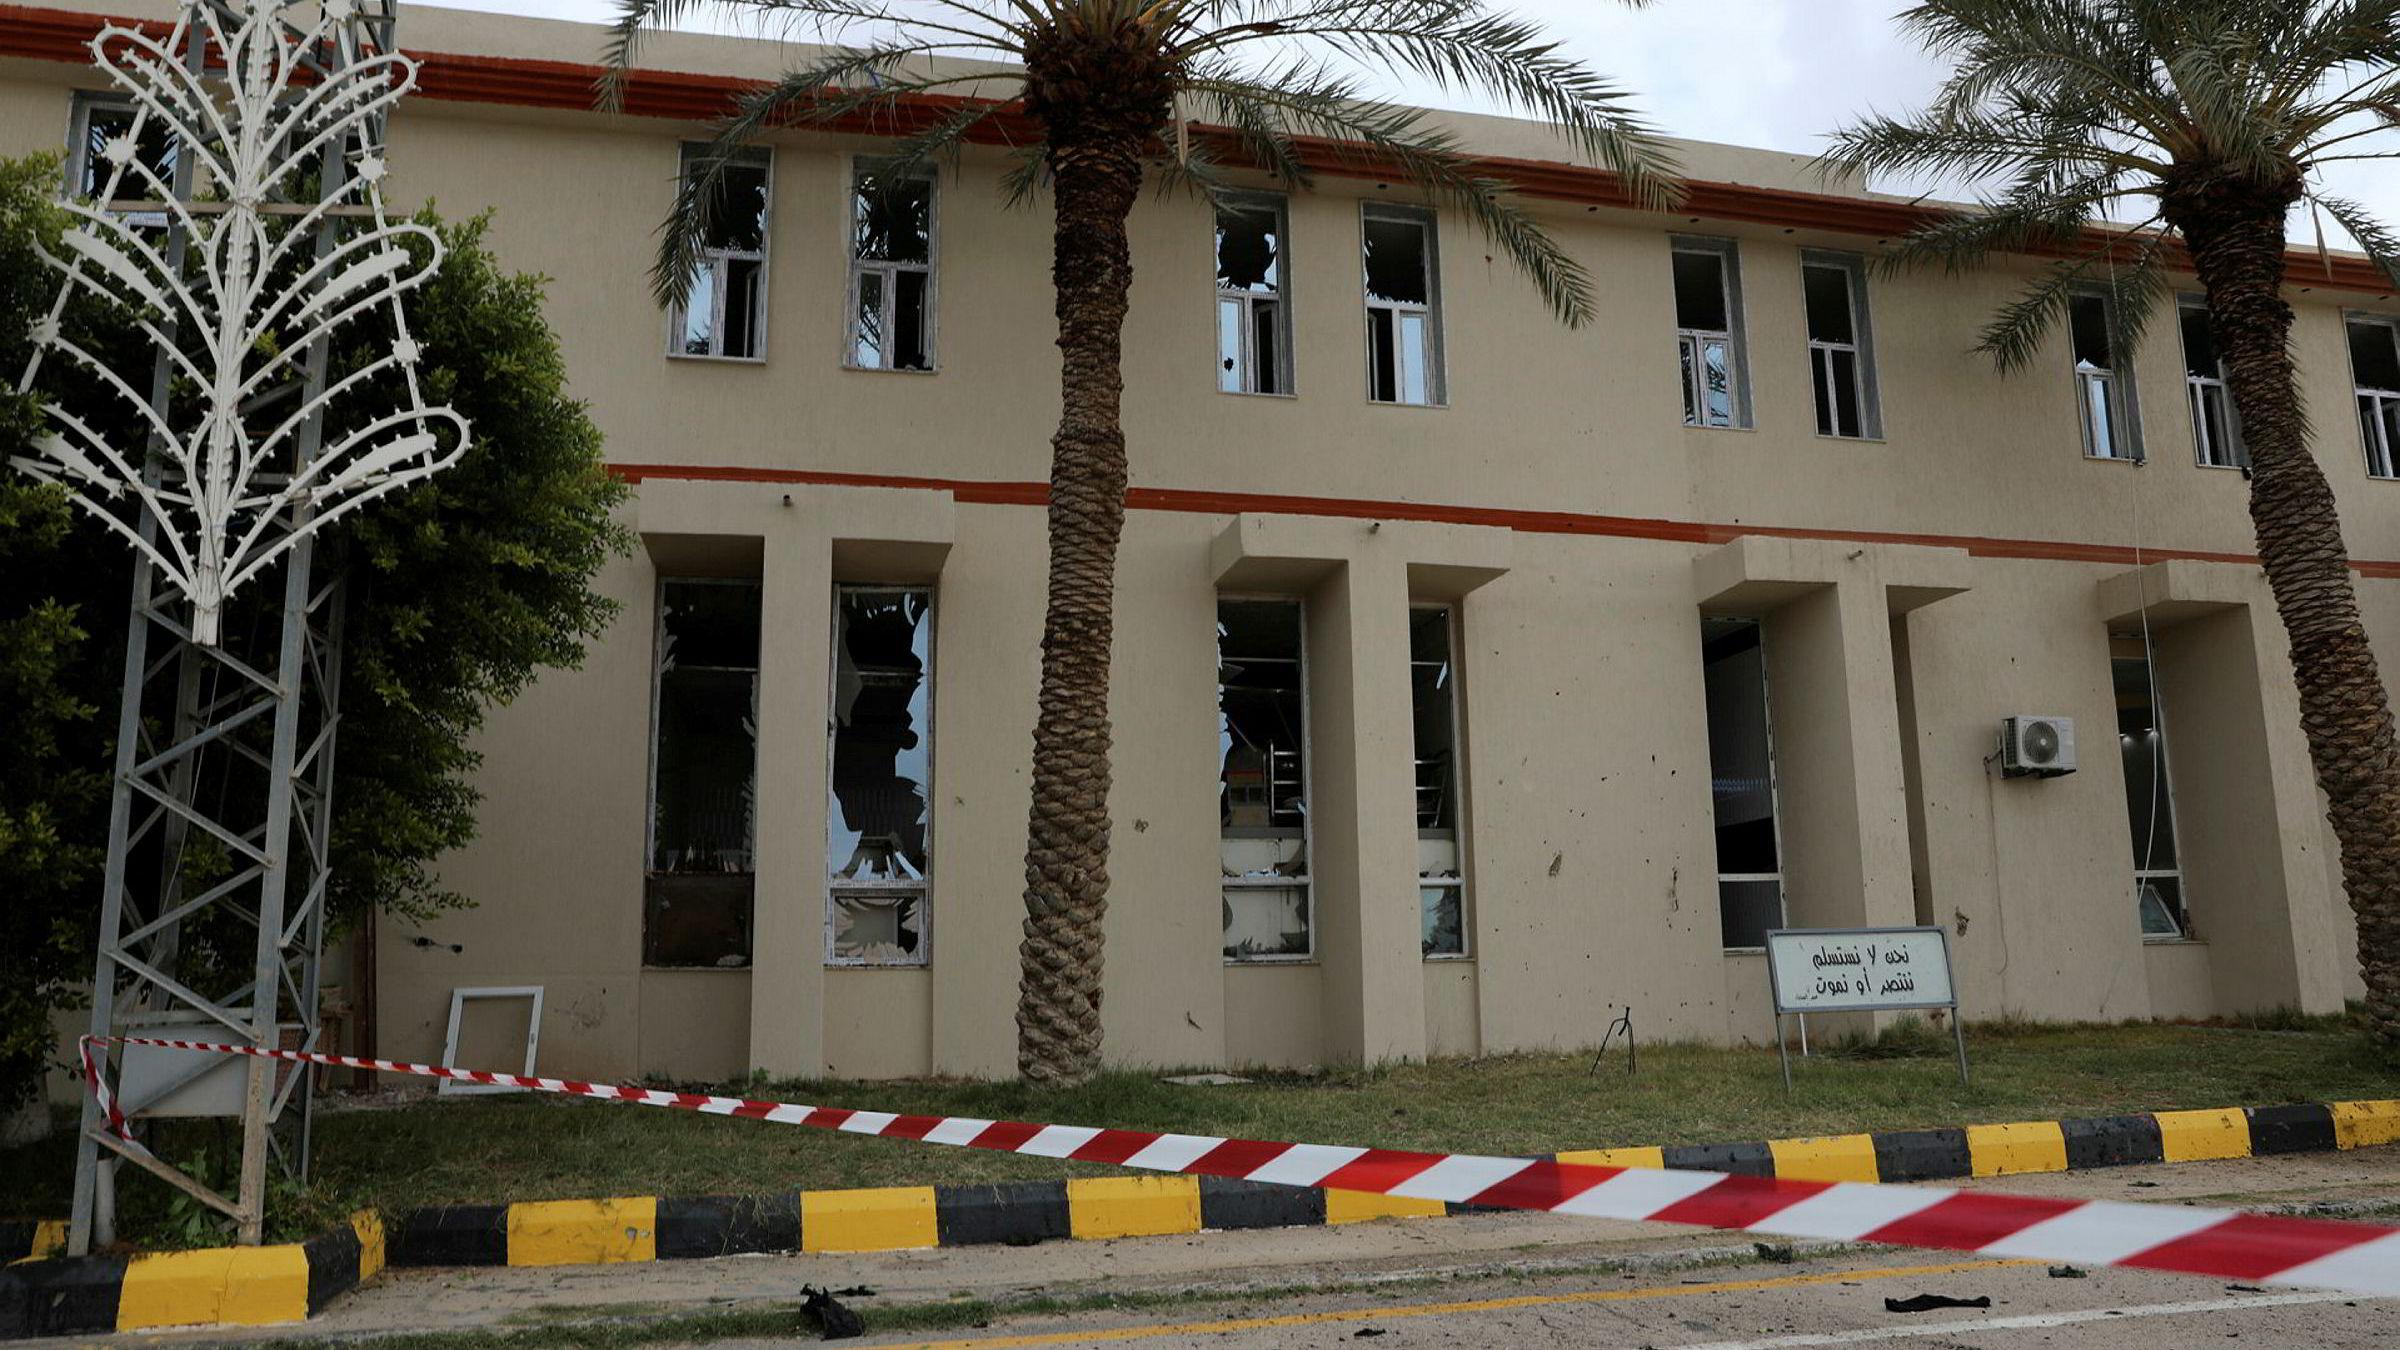 – Vi ønsker å hindre at Libya blir slagmark for en stedfortrederkrig eller at Libya blir et nytt Syria, sa Tysklands utenriksminister Heiko Maas onsdag. Et militært område i Tripoli ble angrepet sist helg.